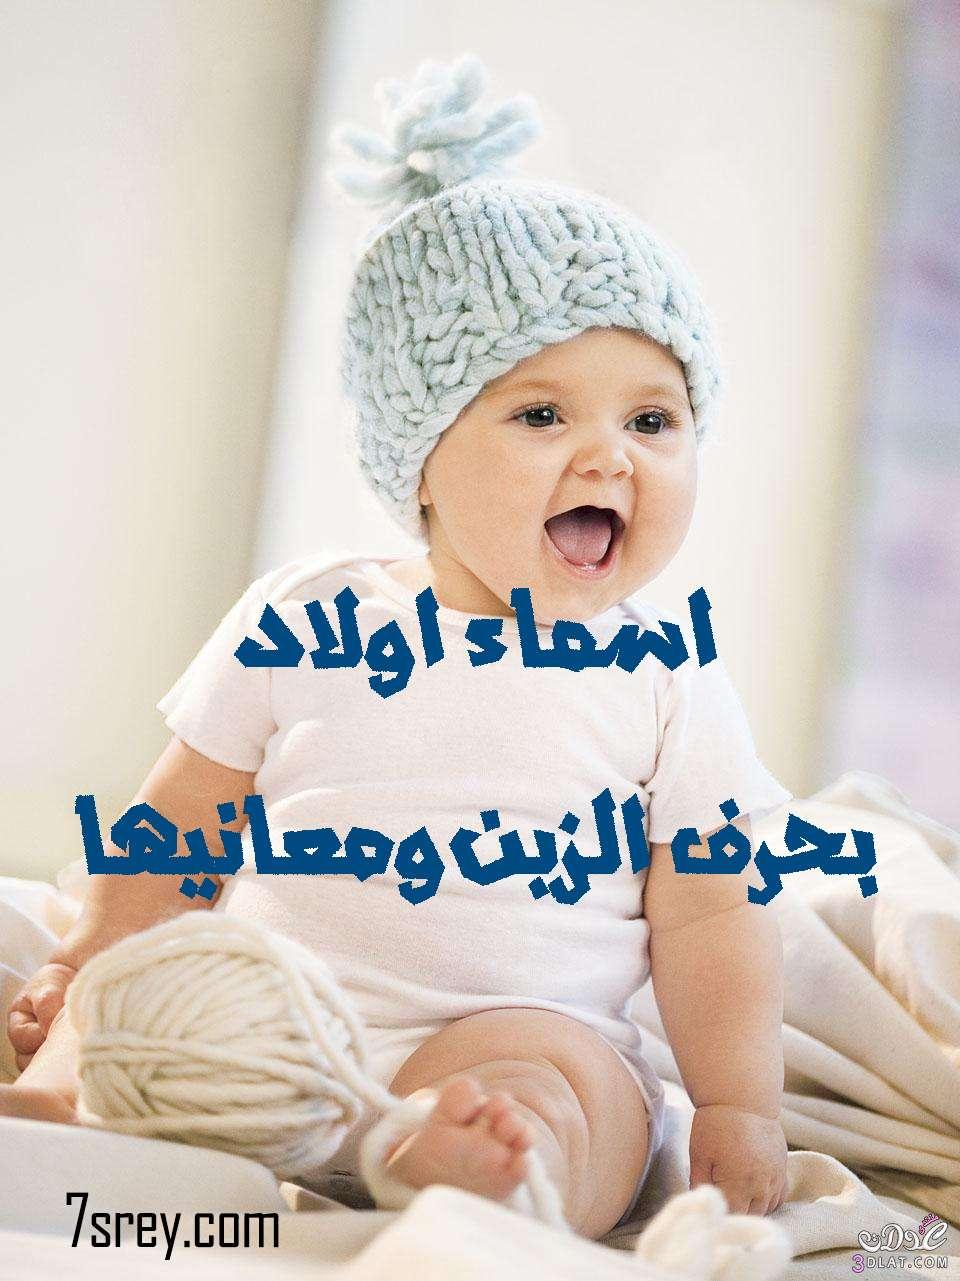 صورة أسماء مواليد اولاد ومعانيها تبدأ بحرف الزين